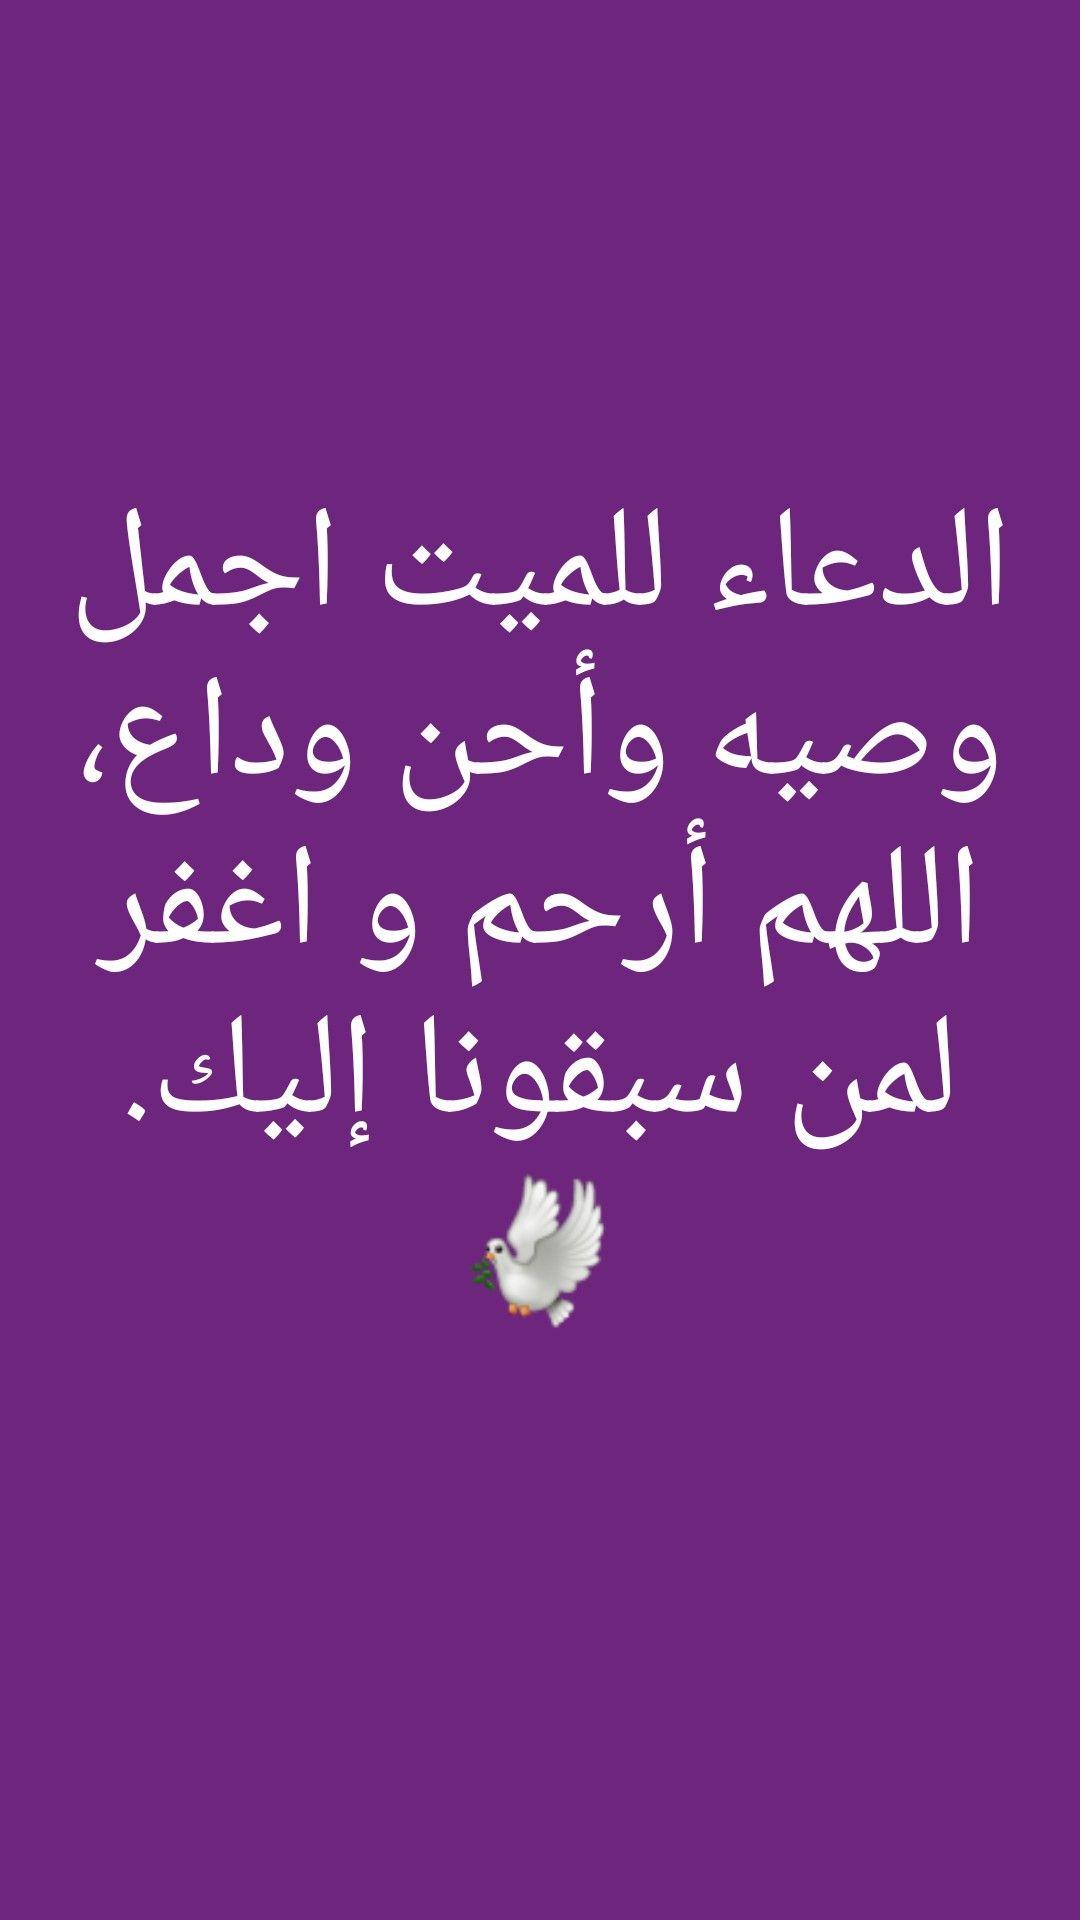 اللهم ارحم واغفر امواتنا اللهم امين Wallpaper Quotes Holy Quran Arabic Quotes